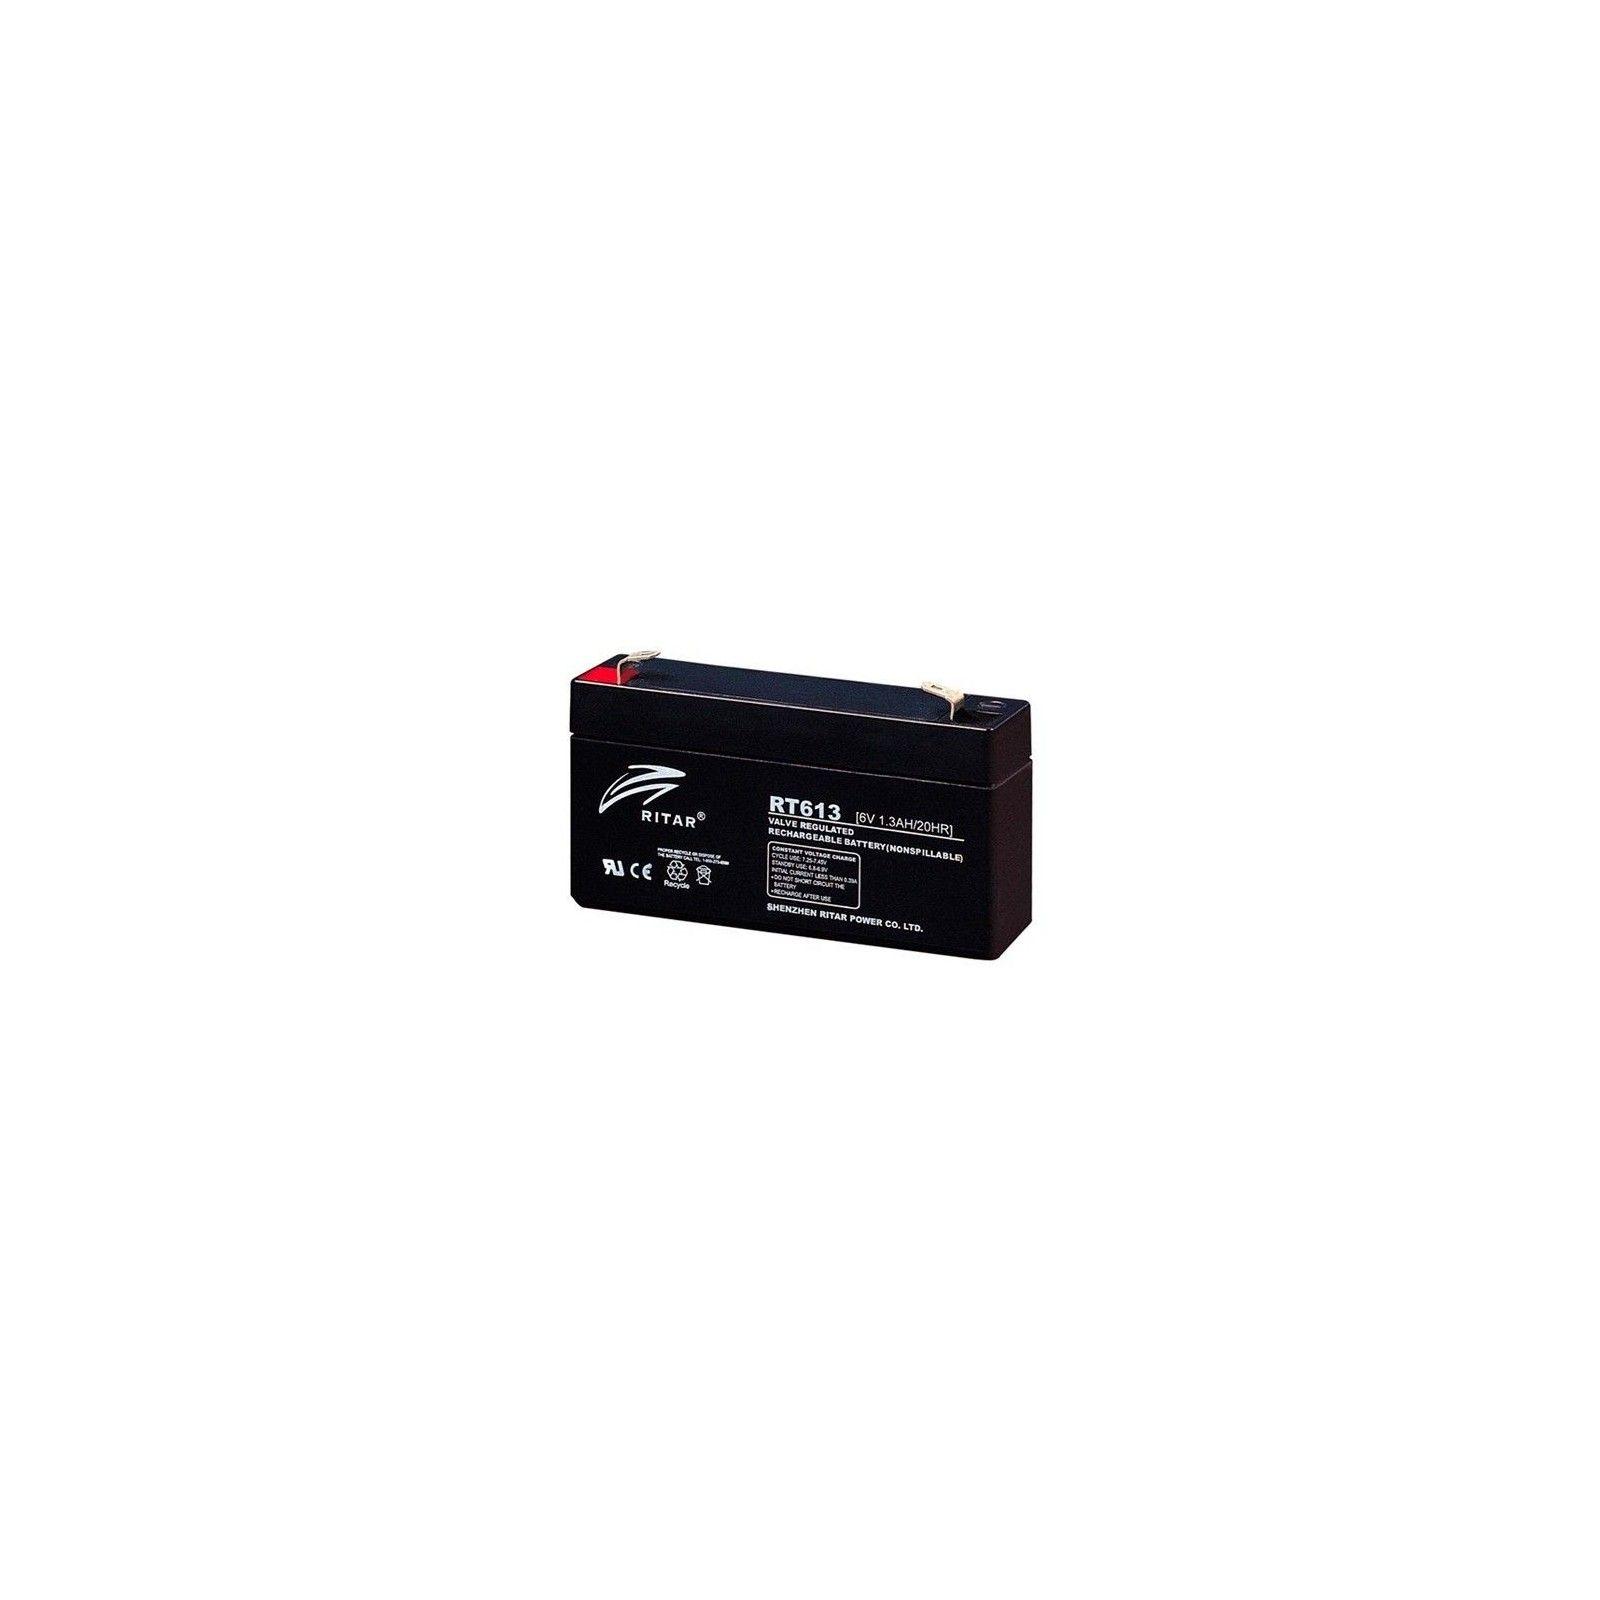 Batería Ritar RT613 1,3Ah 6V Rt RITAR - 1